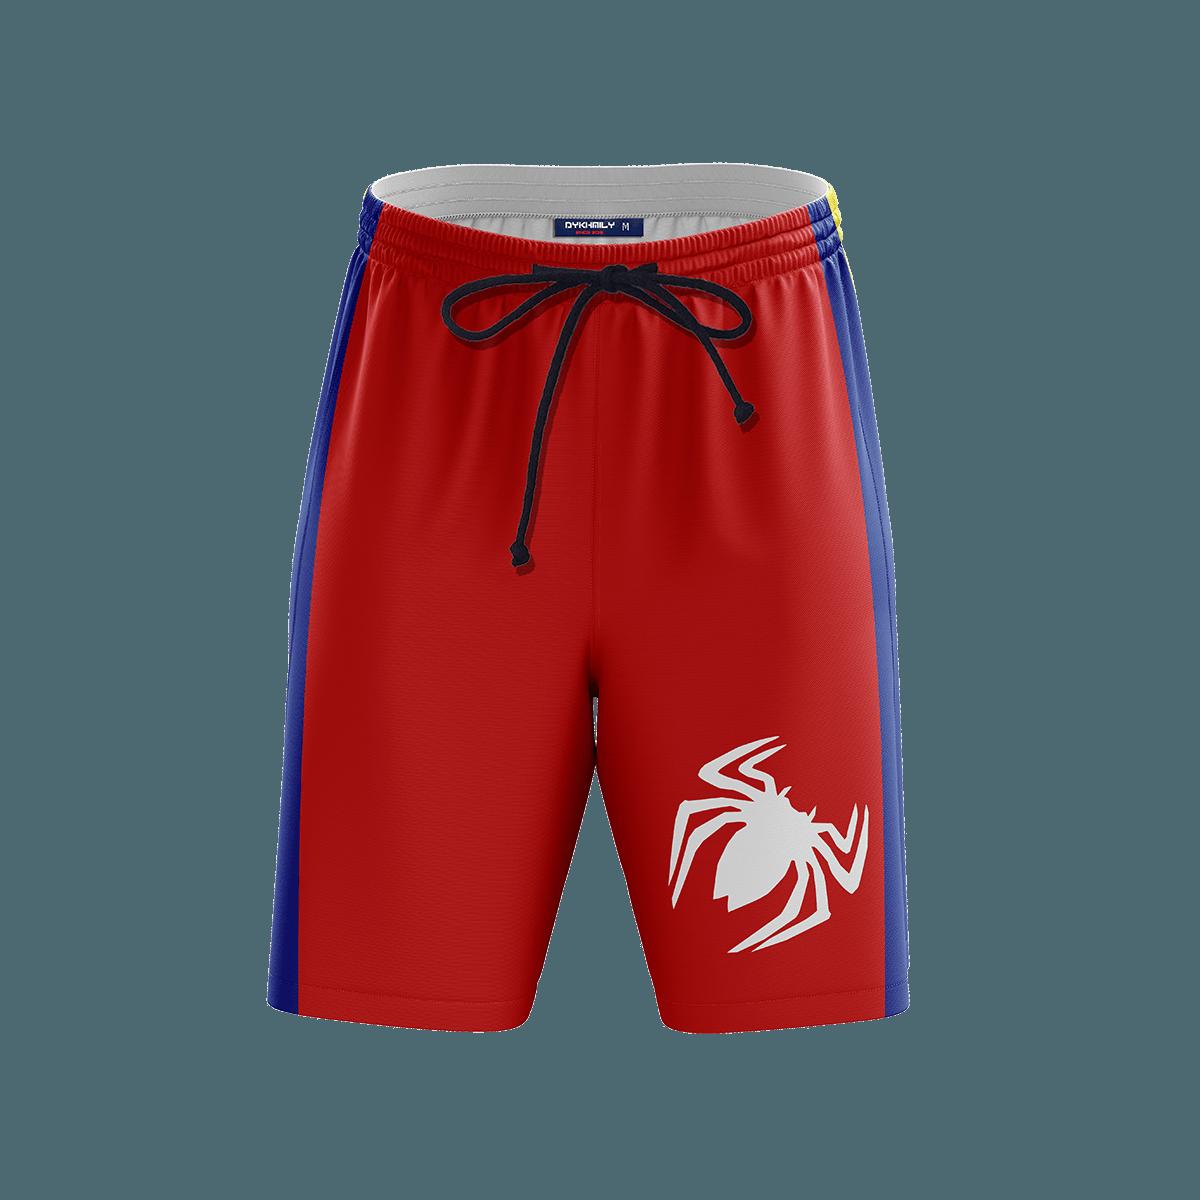 Friendly Neighborhood Beach Shorts FDM3107 S Official Anime Swimsuit Merch